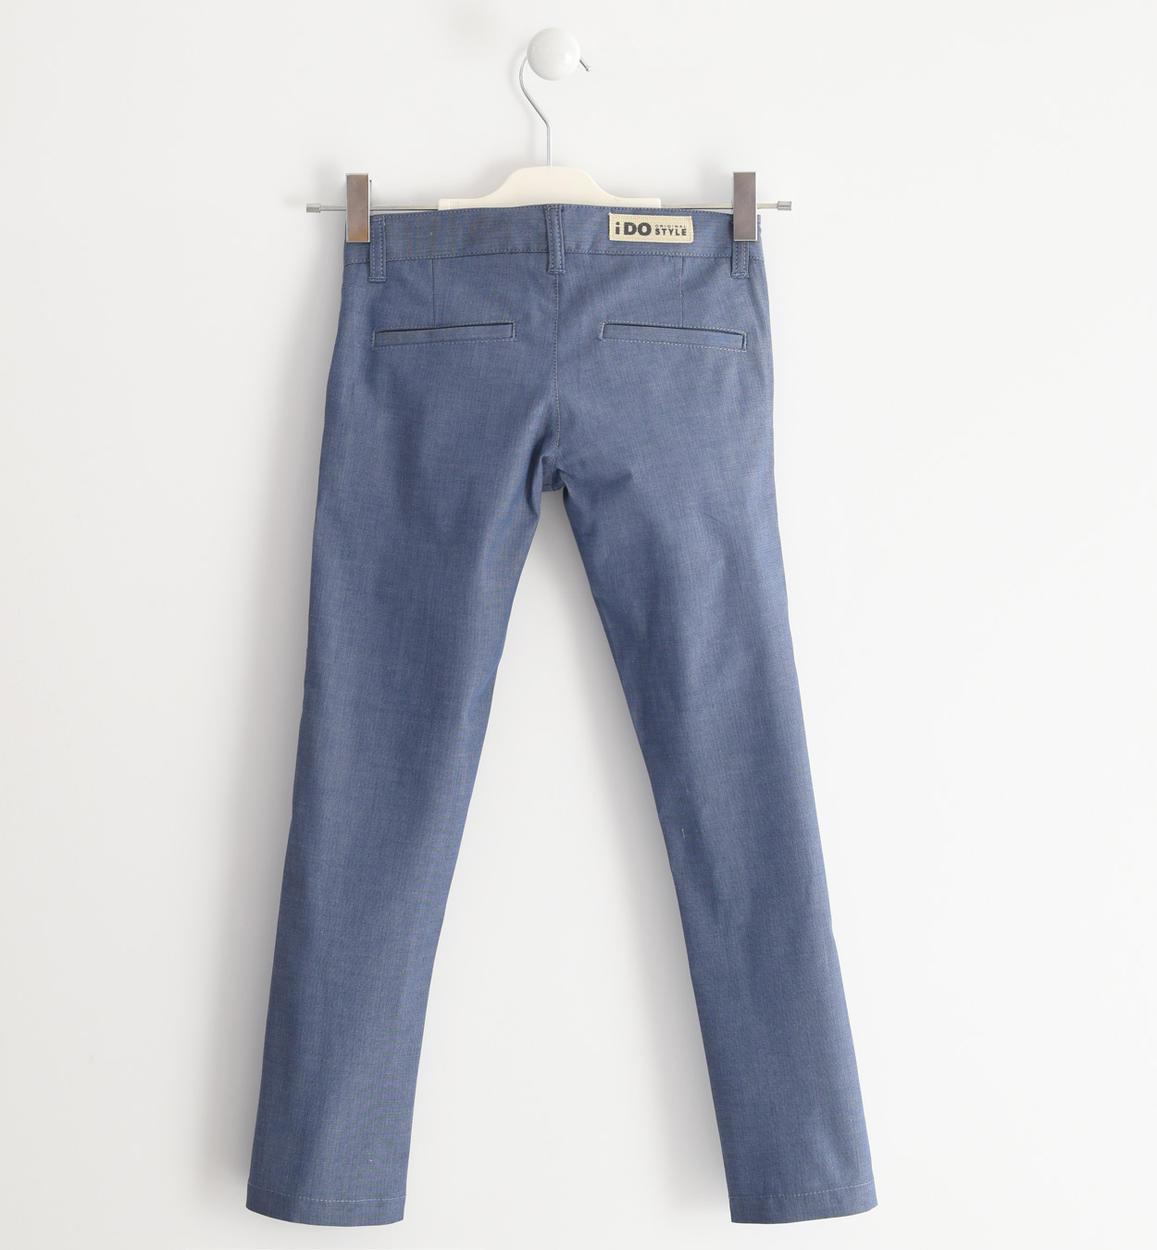 pantalone in elegante tessuto di cotone avion dettaglio 03 2524j42200 3654 150x150